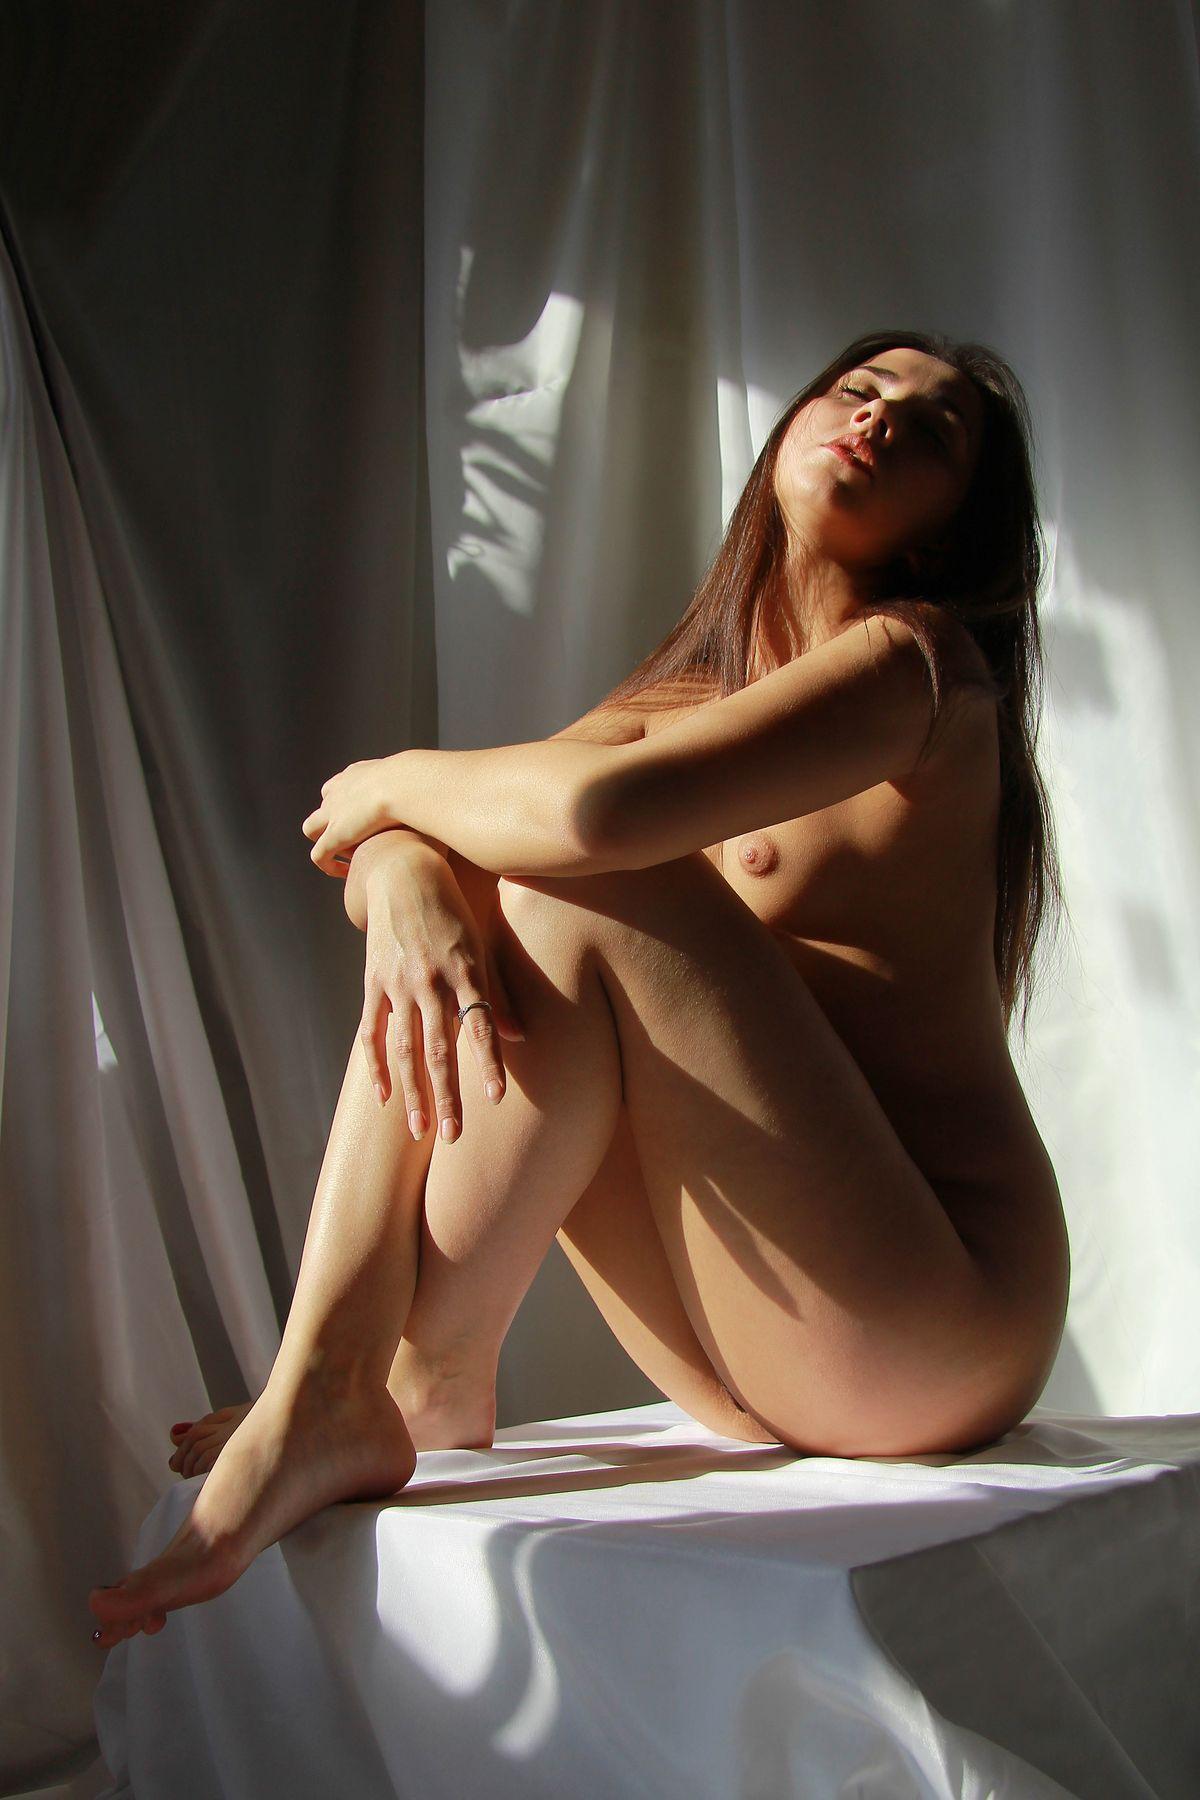 *** эротика обнажённая ню модель фотограф павелтроицкий девушка nude nu